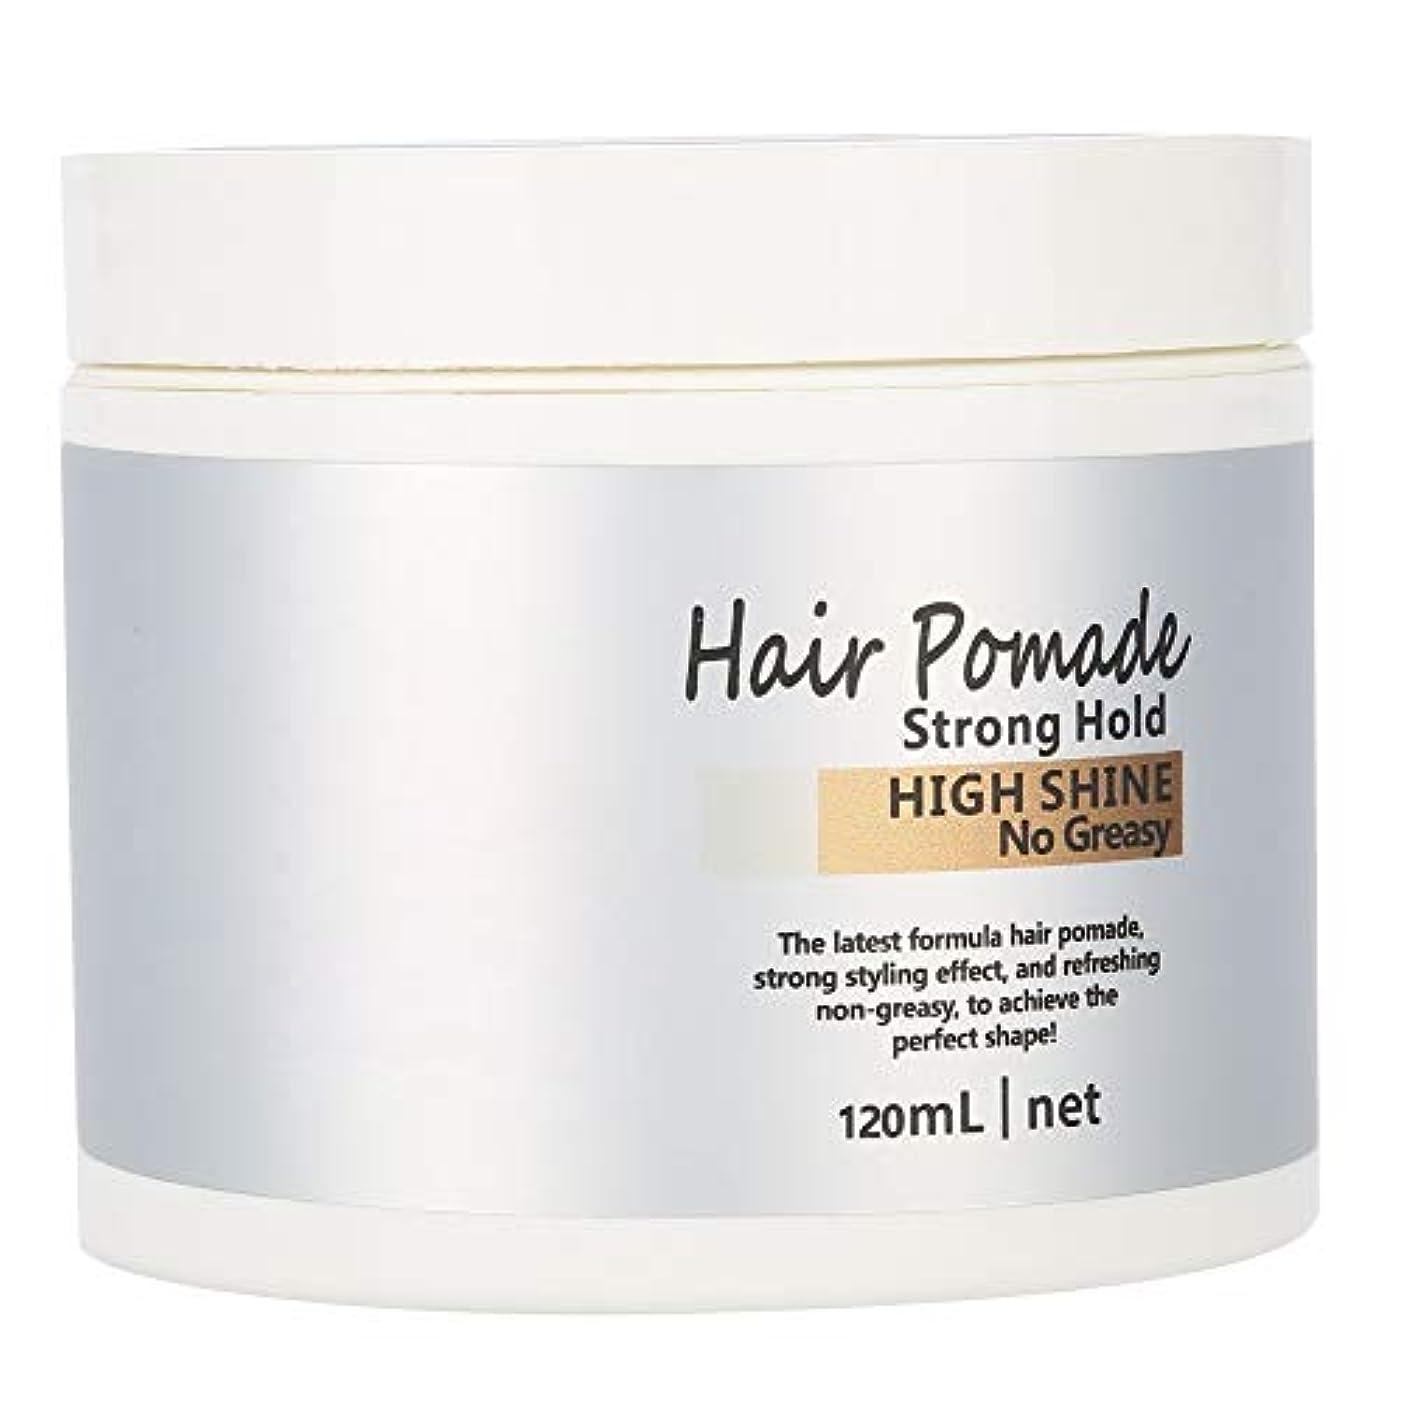 受け皿ファンド夫婦ヘアワックス 髪用ゼリーウォータージェルワックス、ウェットエフェクトを使用した極度の固着モデリングワックスポマード(120ml)